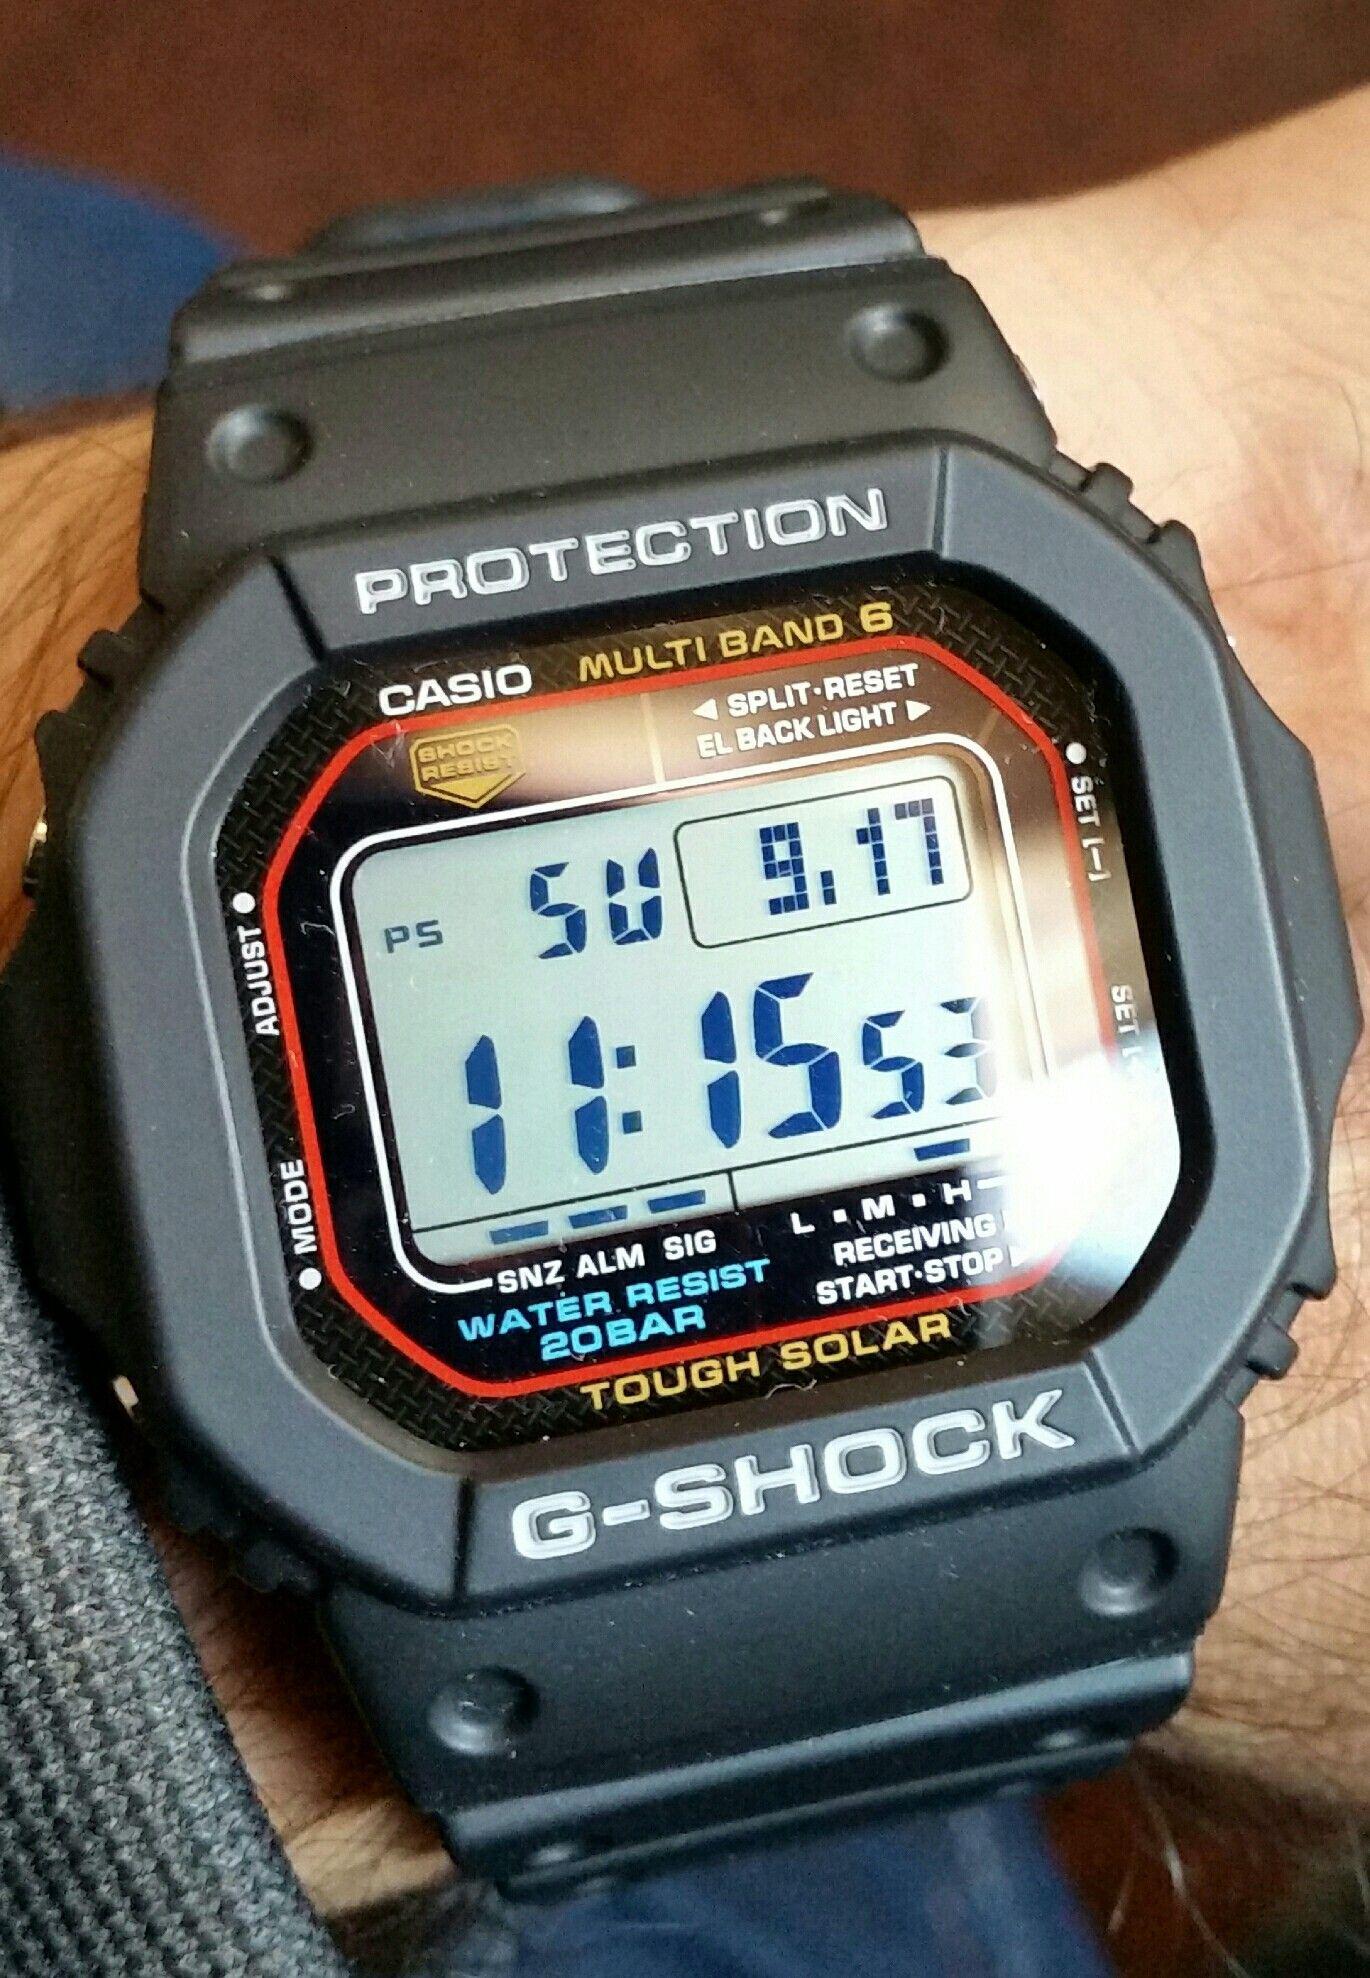 f1d3537ca8f Casio GSHOCK gw-m5610-1 multiband 6 solar watch